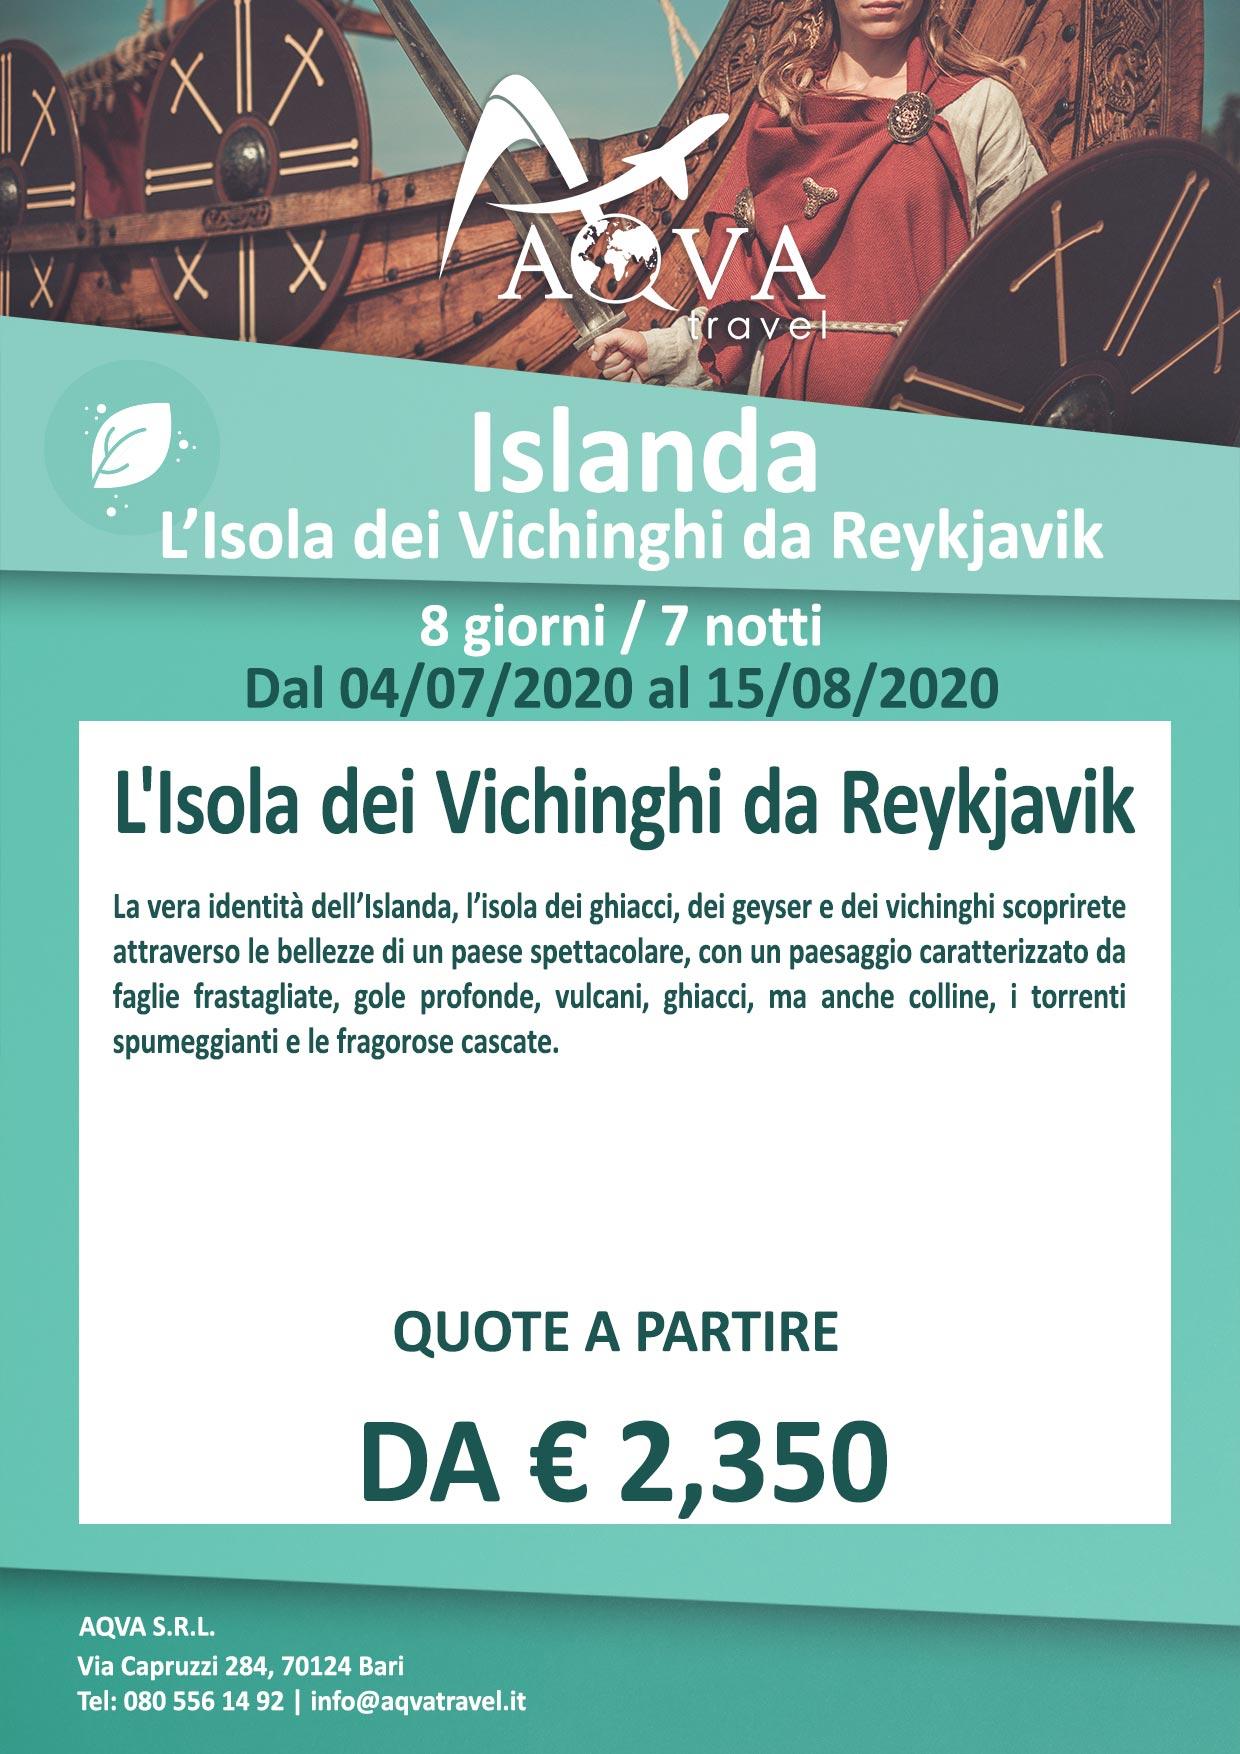 Islanda-L'Isola-dei-Vichinghi-da-Reykjavik-NATURA-offerte-agenzia-di-viaggi-Bari-AQVATRAVEL-it